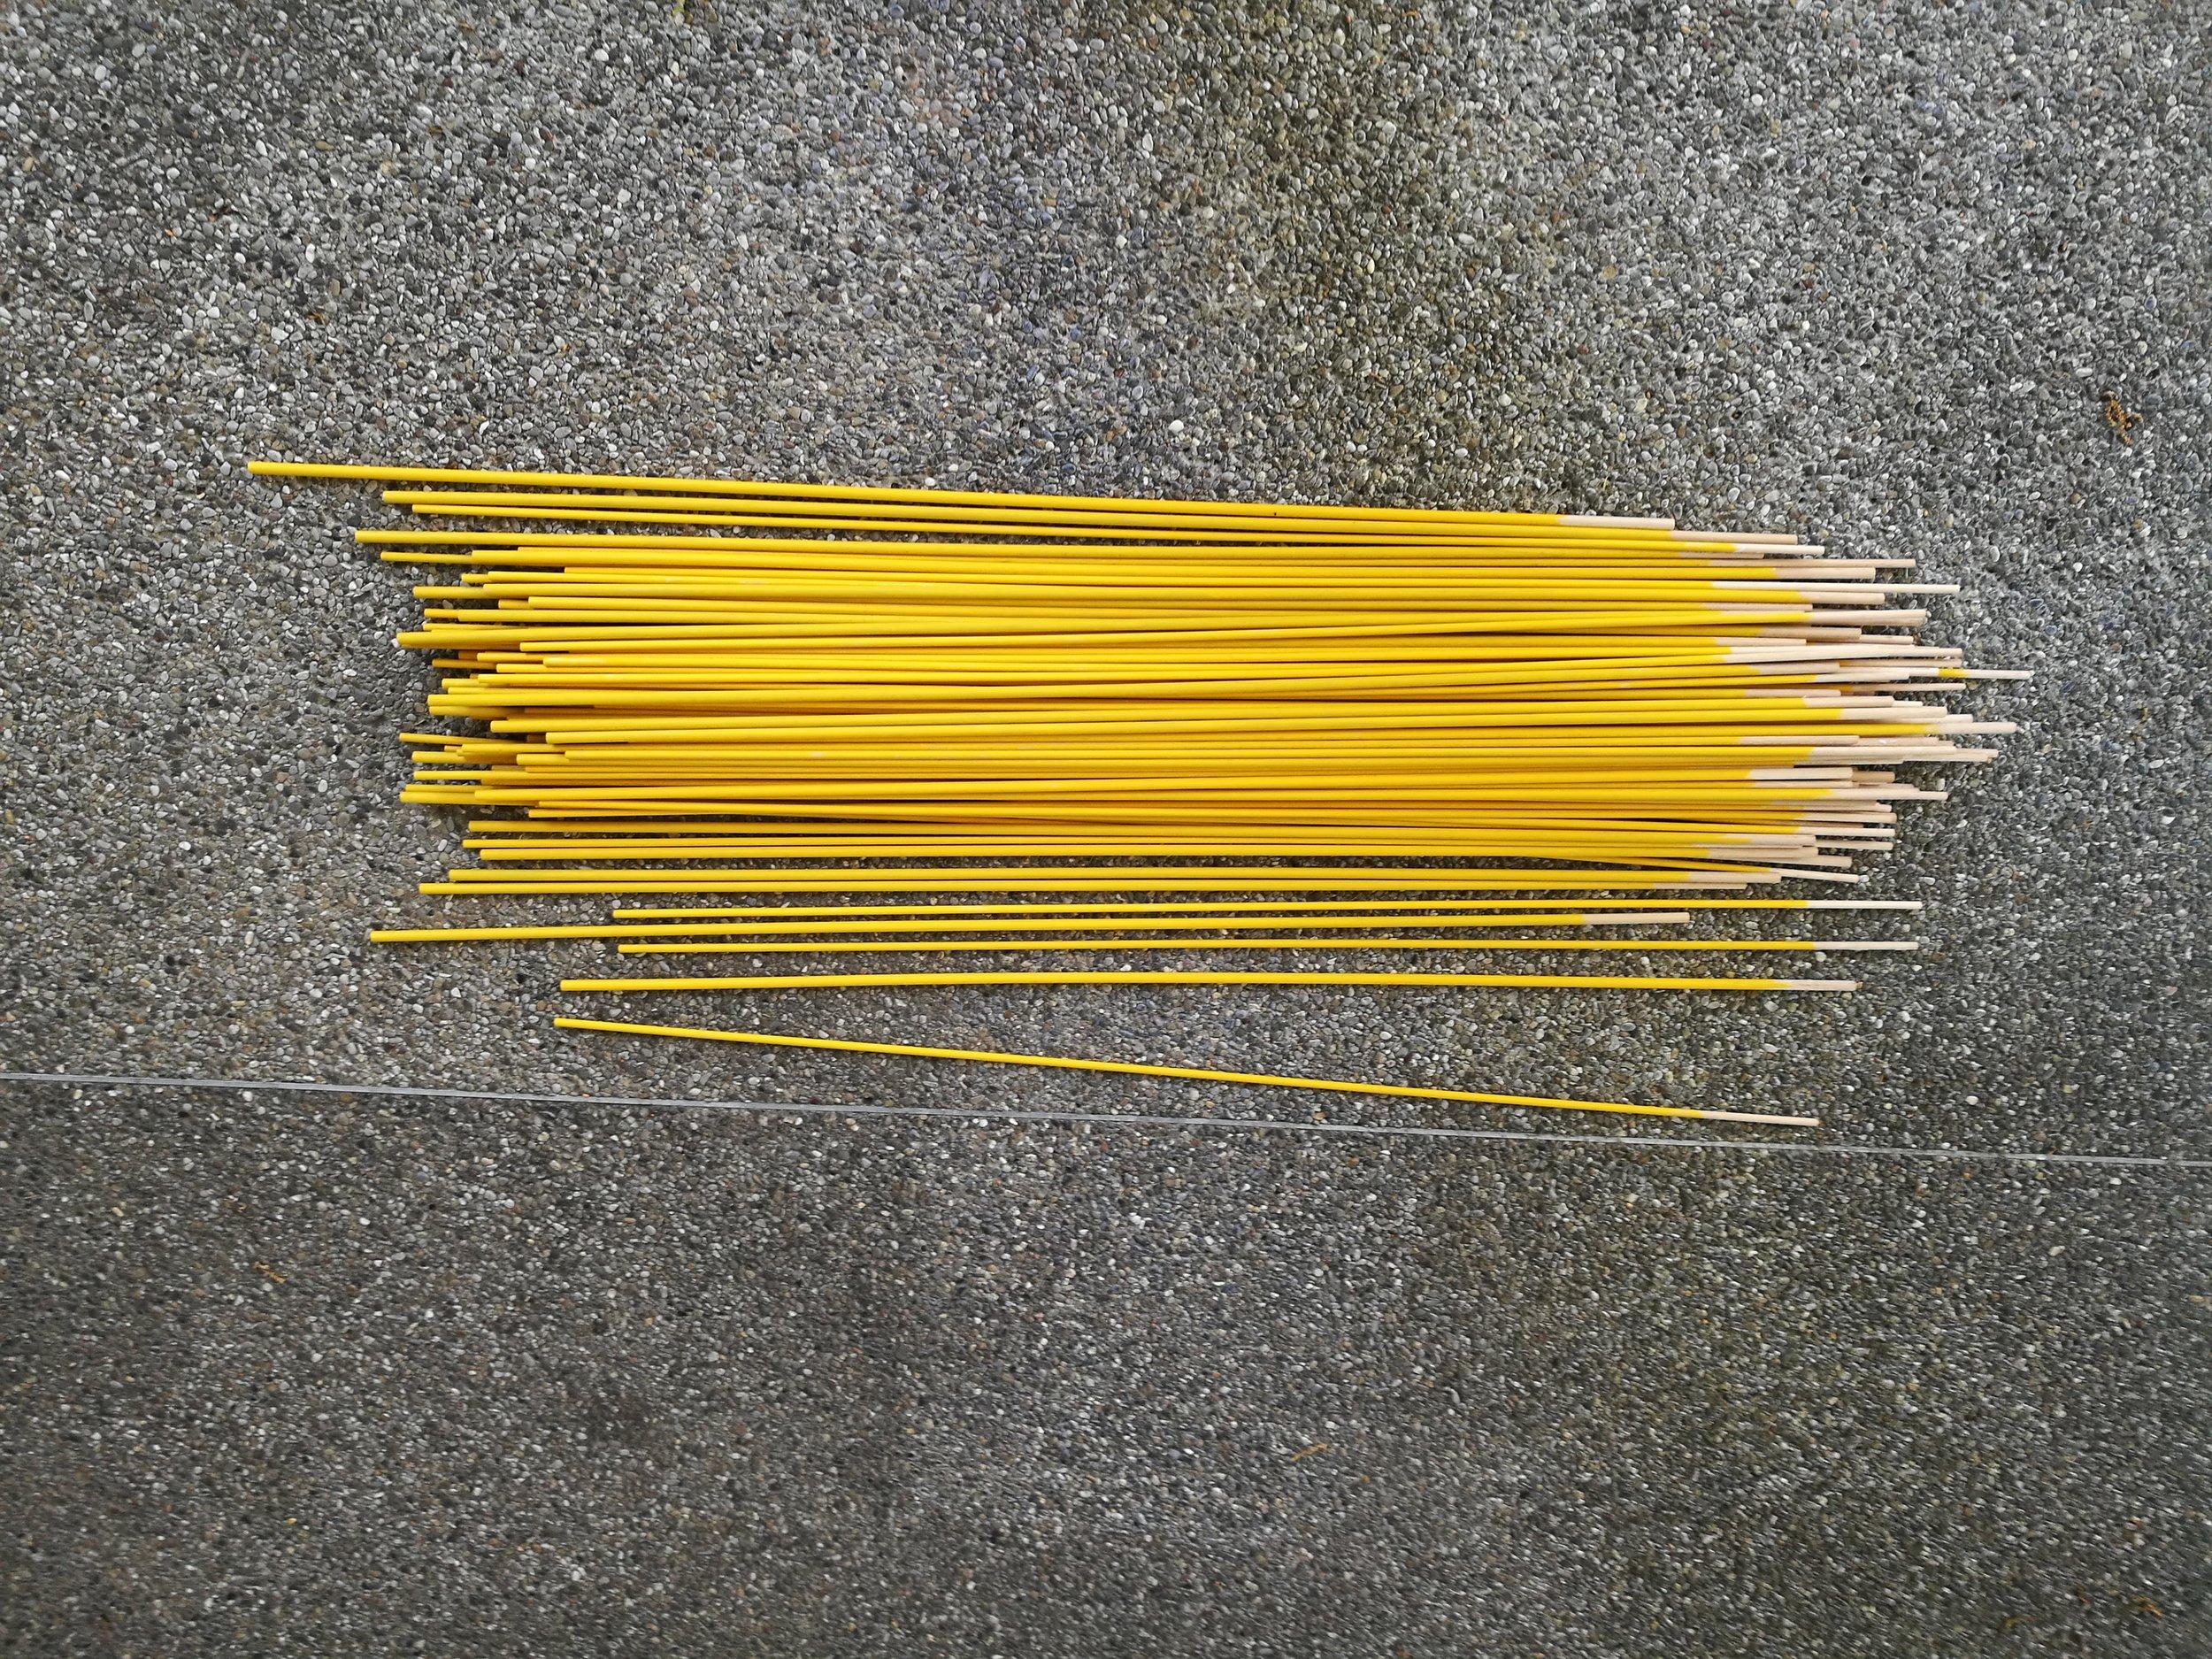 rosemary-niehaus-taraxacum-sticks.jpg